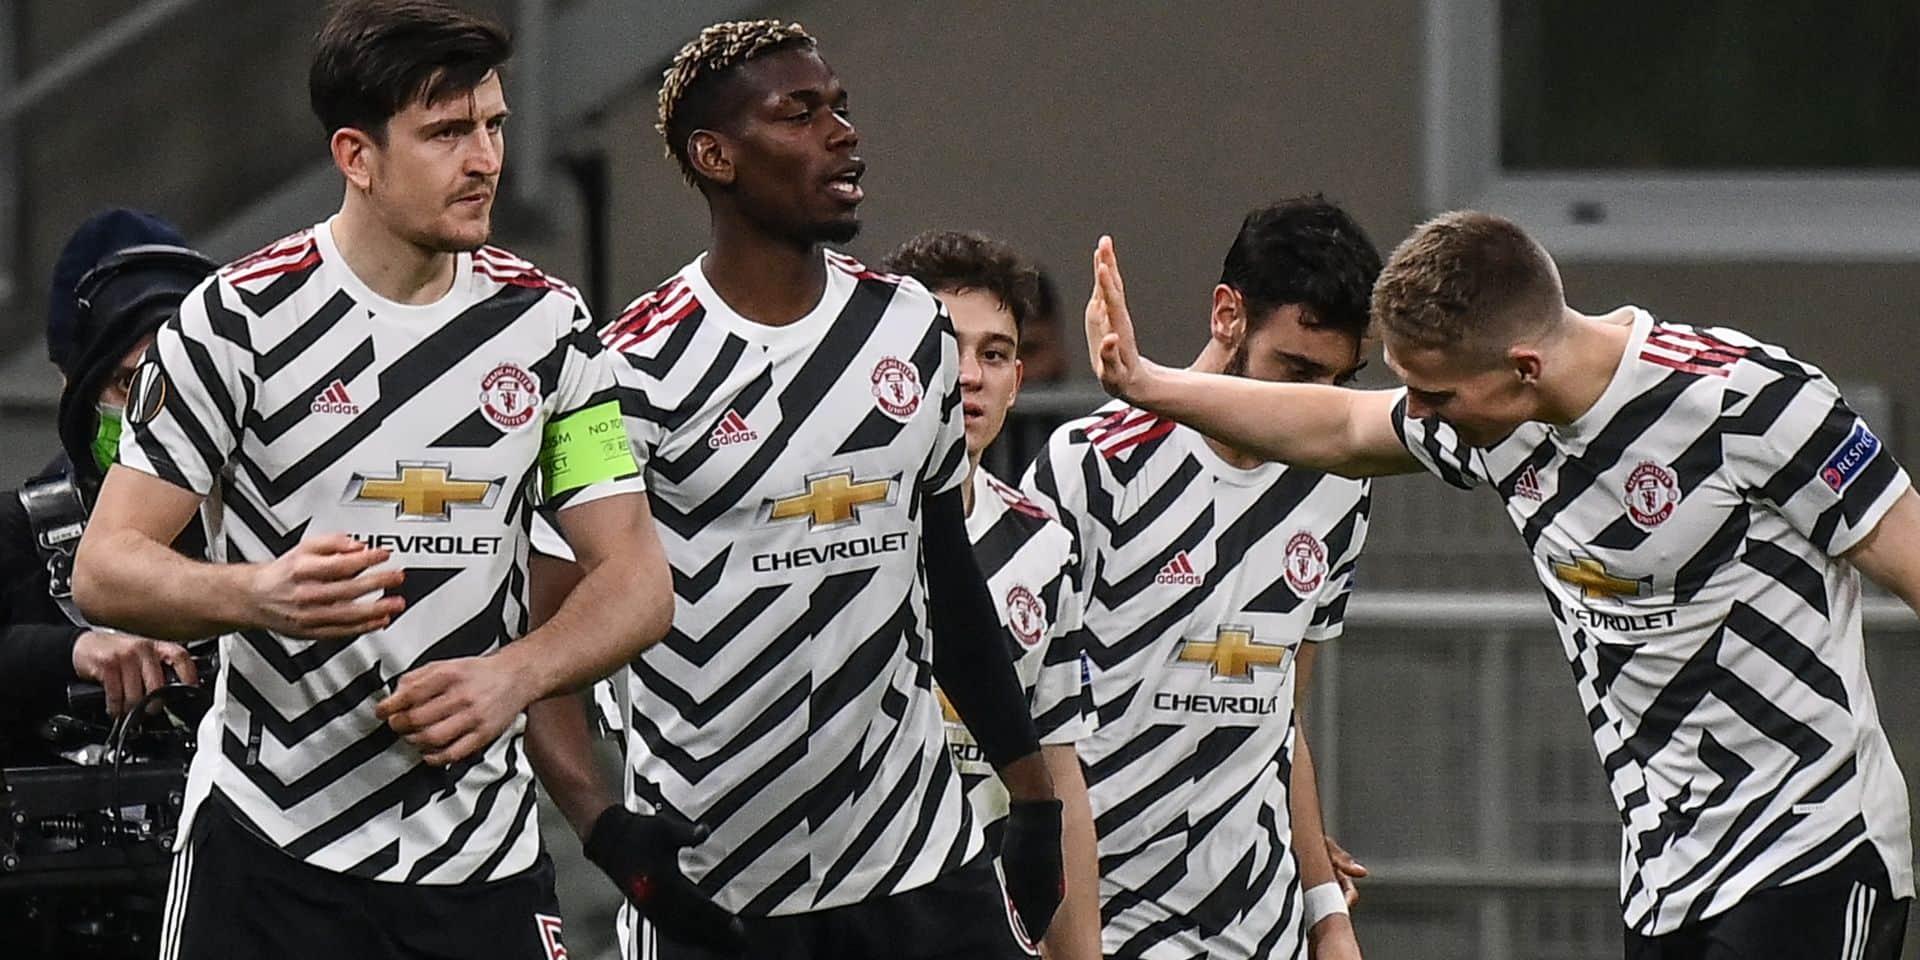 Grenade-Manchester United et Ajax-Roma en quarts de finale de l'Europa League: voici le tirage complet